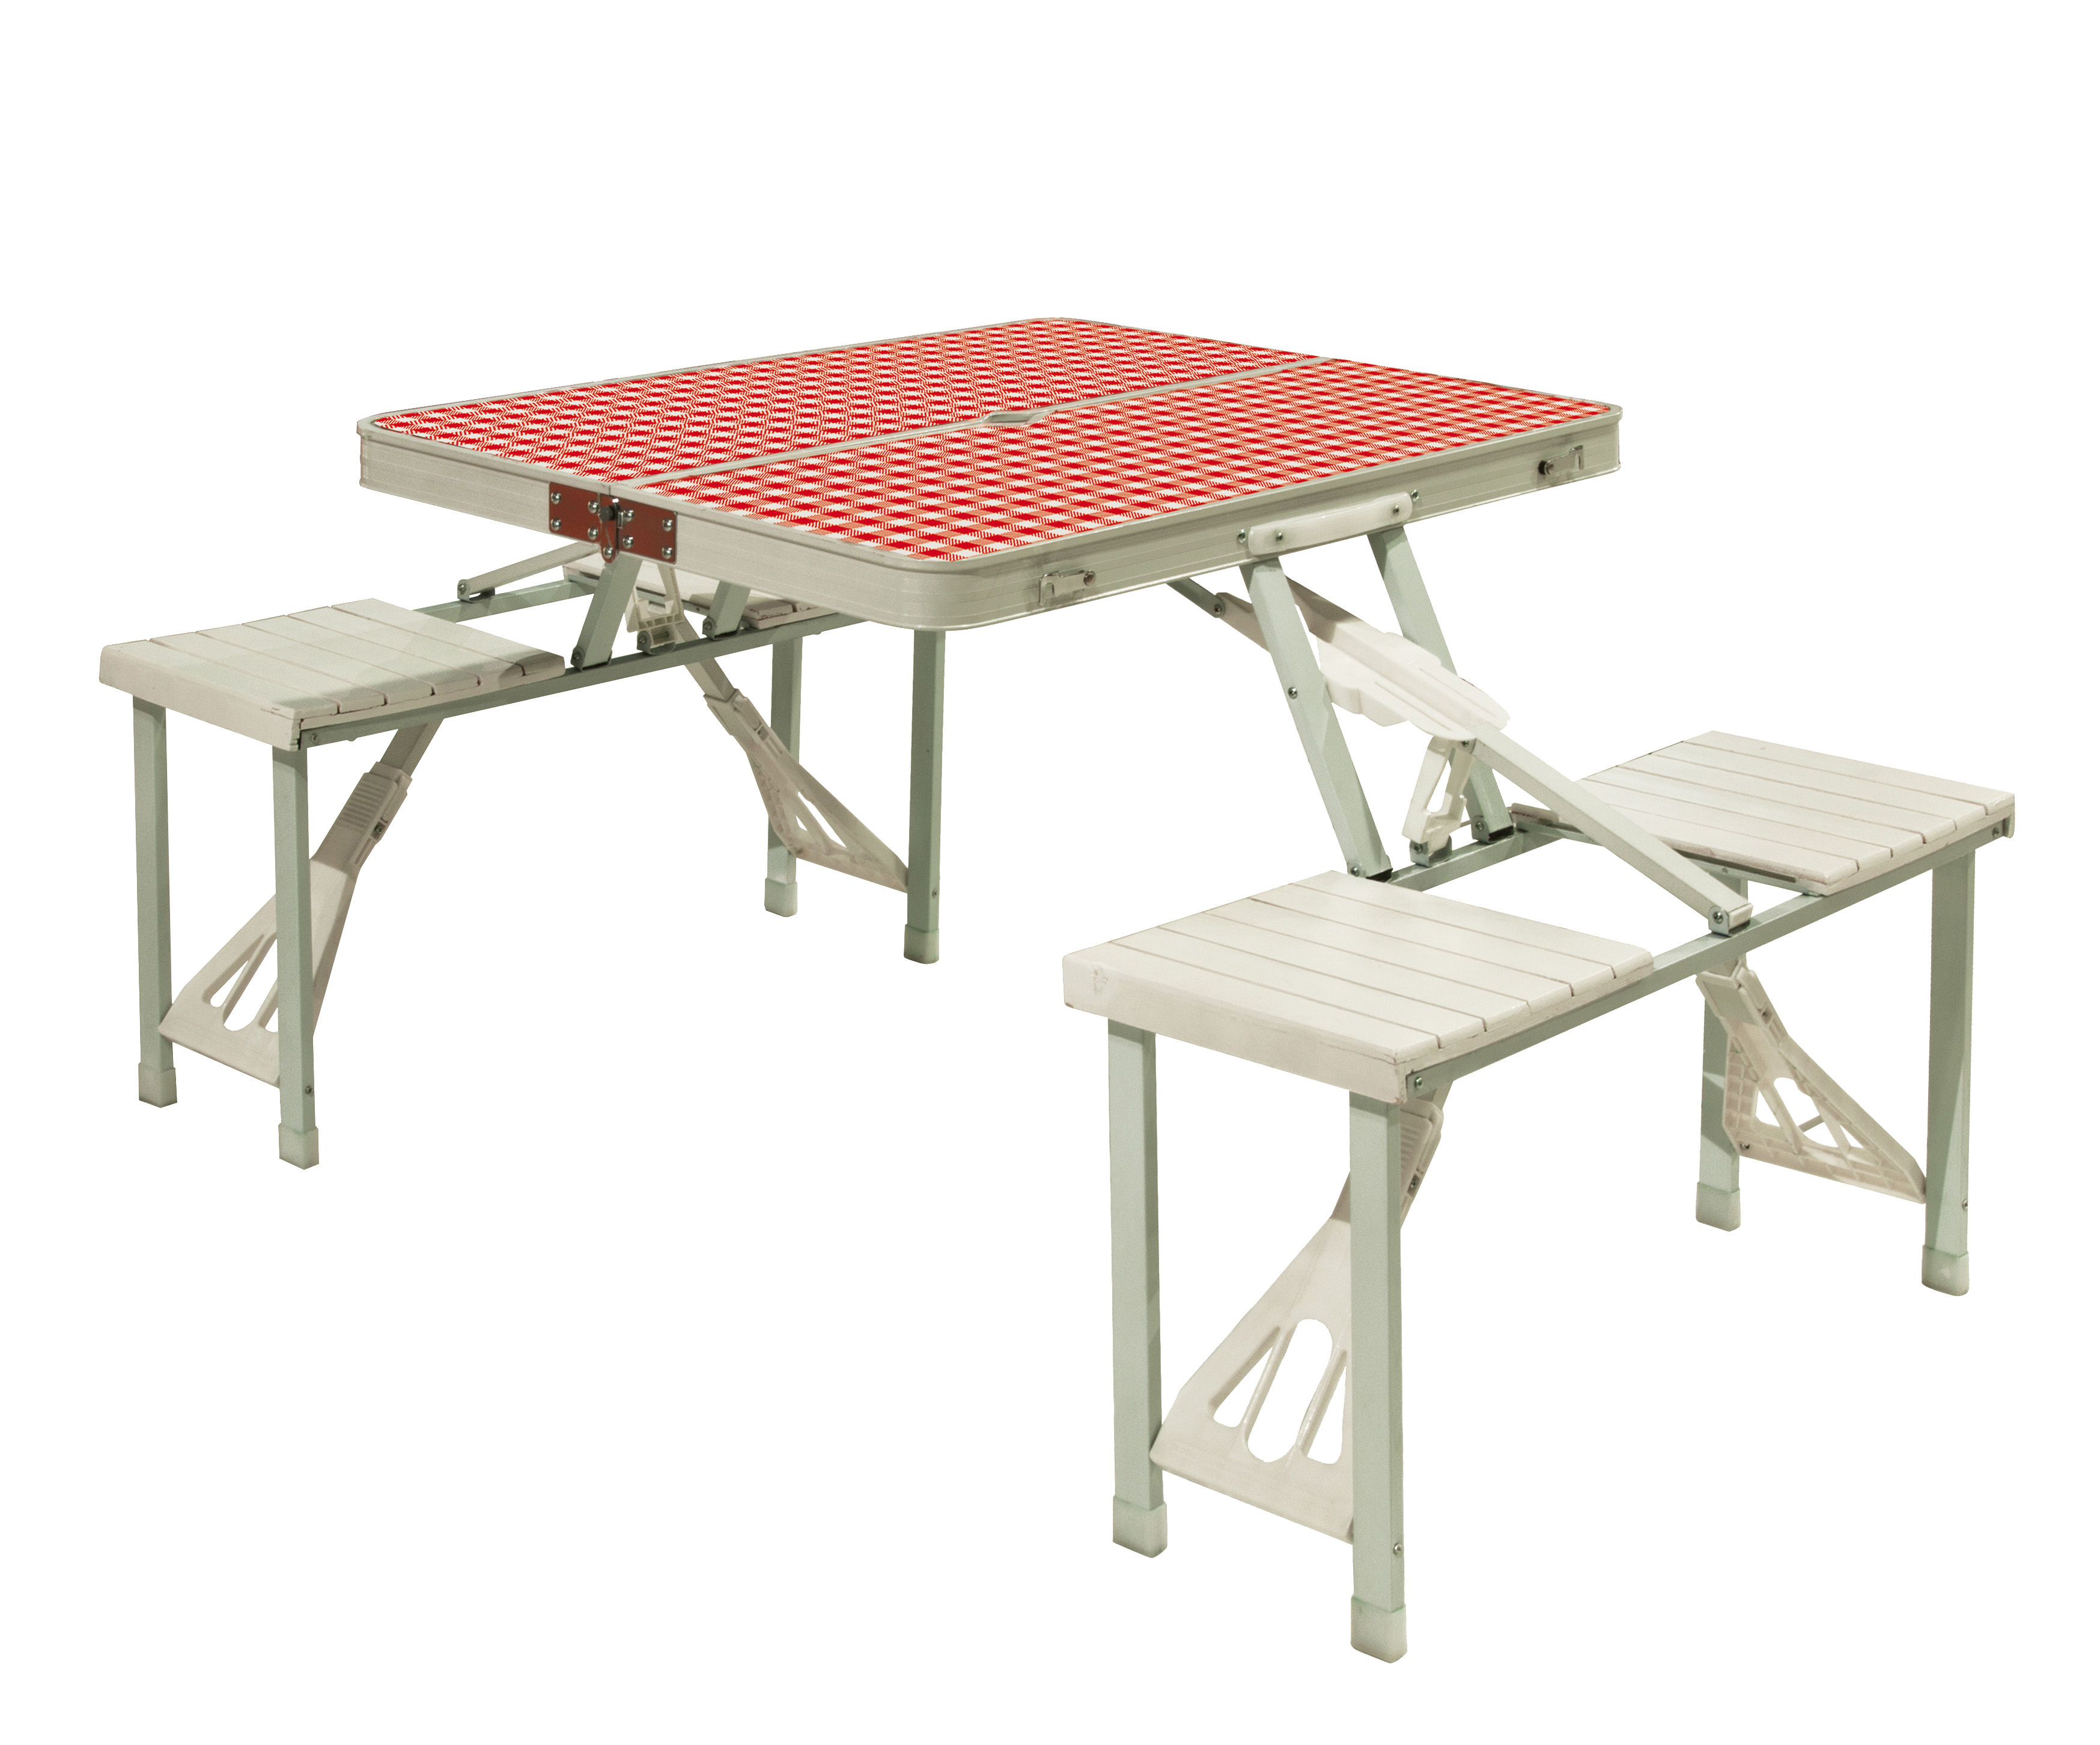 Outdoor - Tables de jardin - Table pliante Festival / Table-valise de pique-nique avec bancs - Seletti - Blanc & rouge - Matériau plastique, Métal